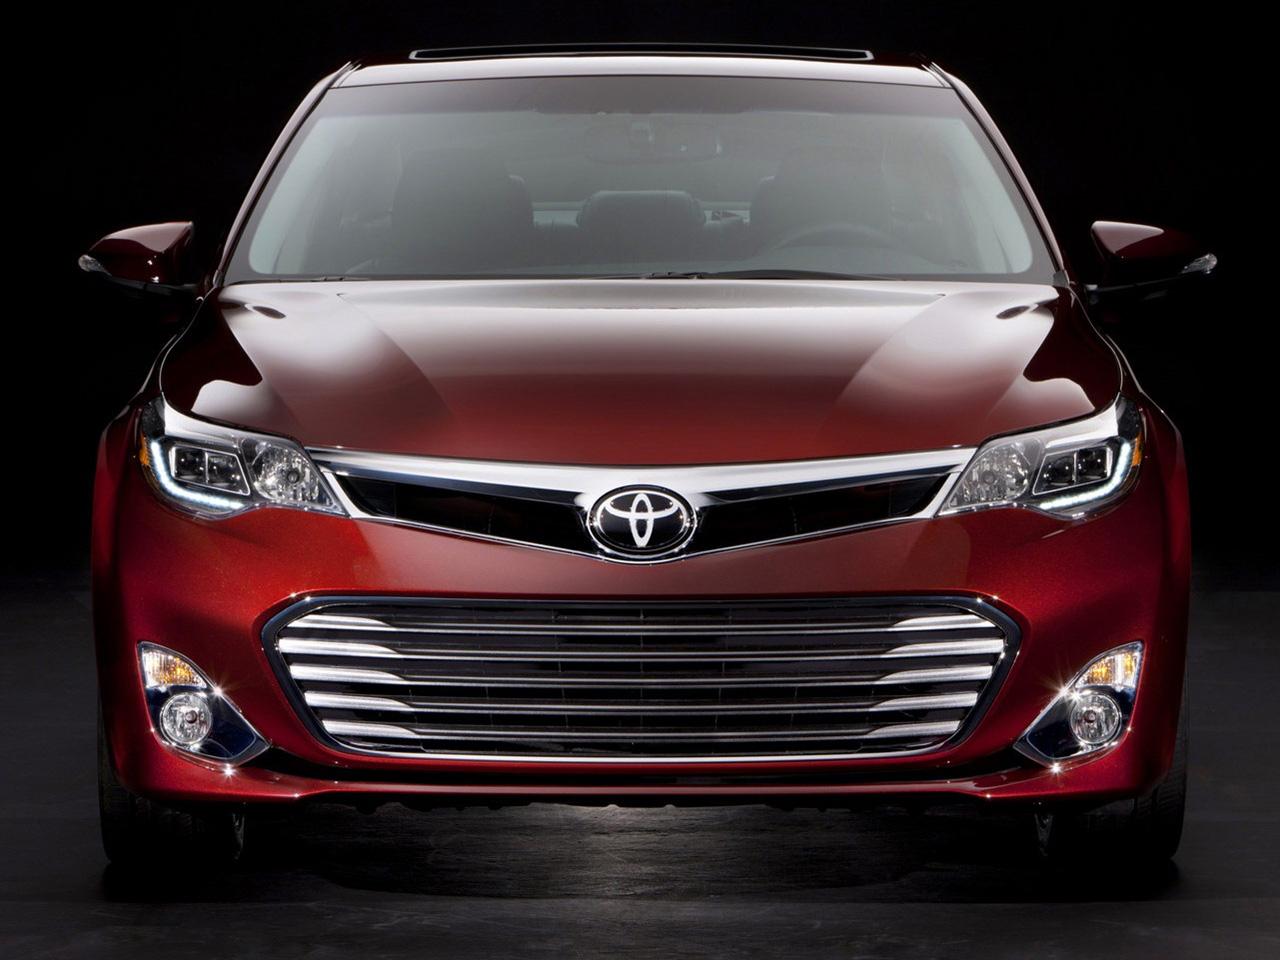 اسعار صور أفلون الجديدة Toyota 2013-Toyota-Avalon-Front.jpg